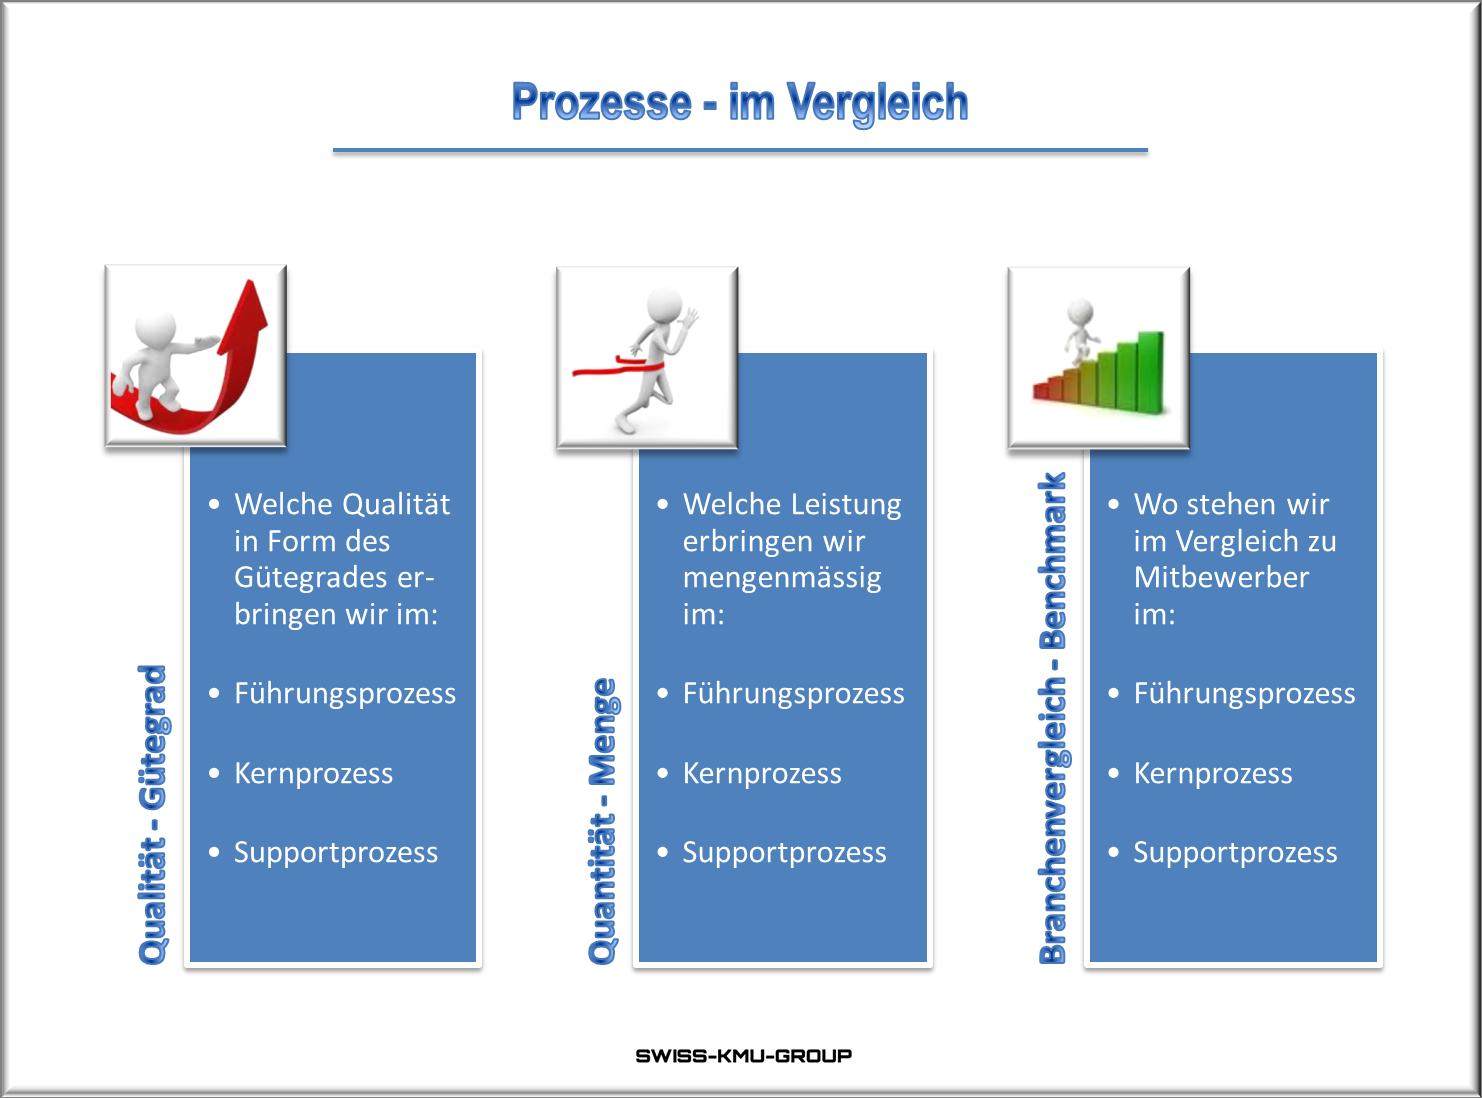 Businessplan Online Ch Prozessvergleich Planer Businessplan App